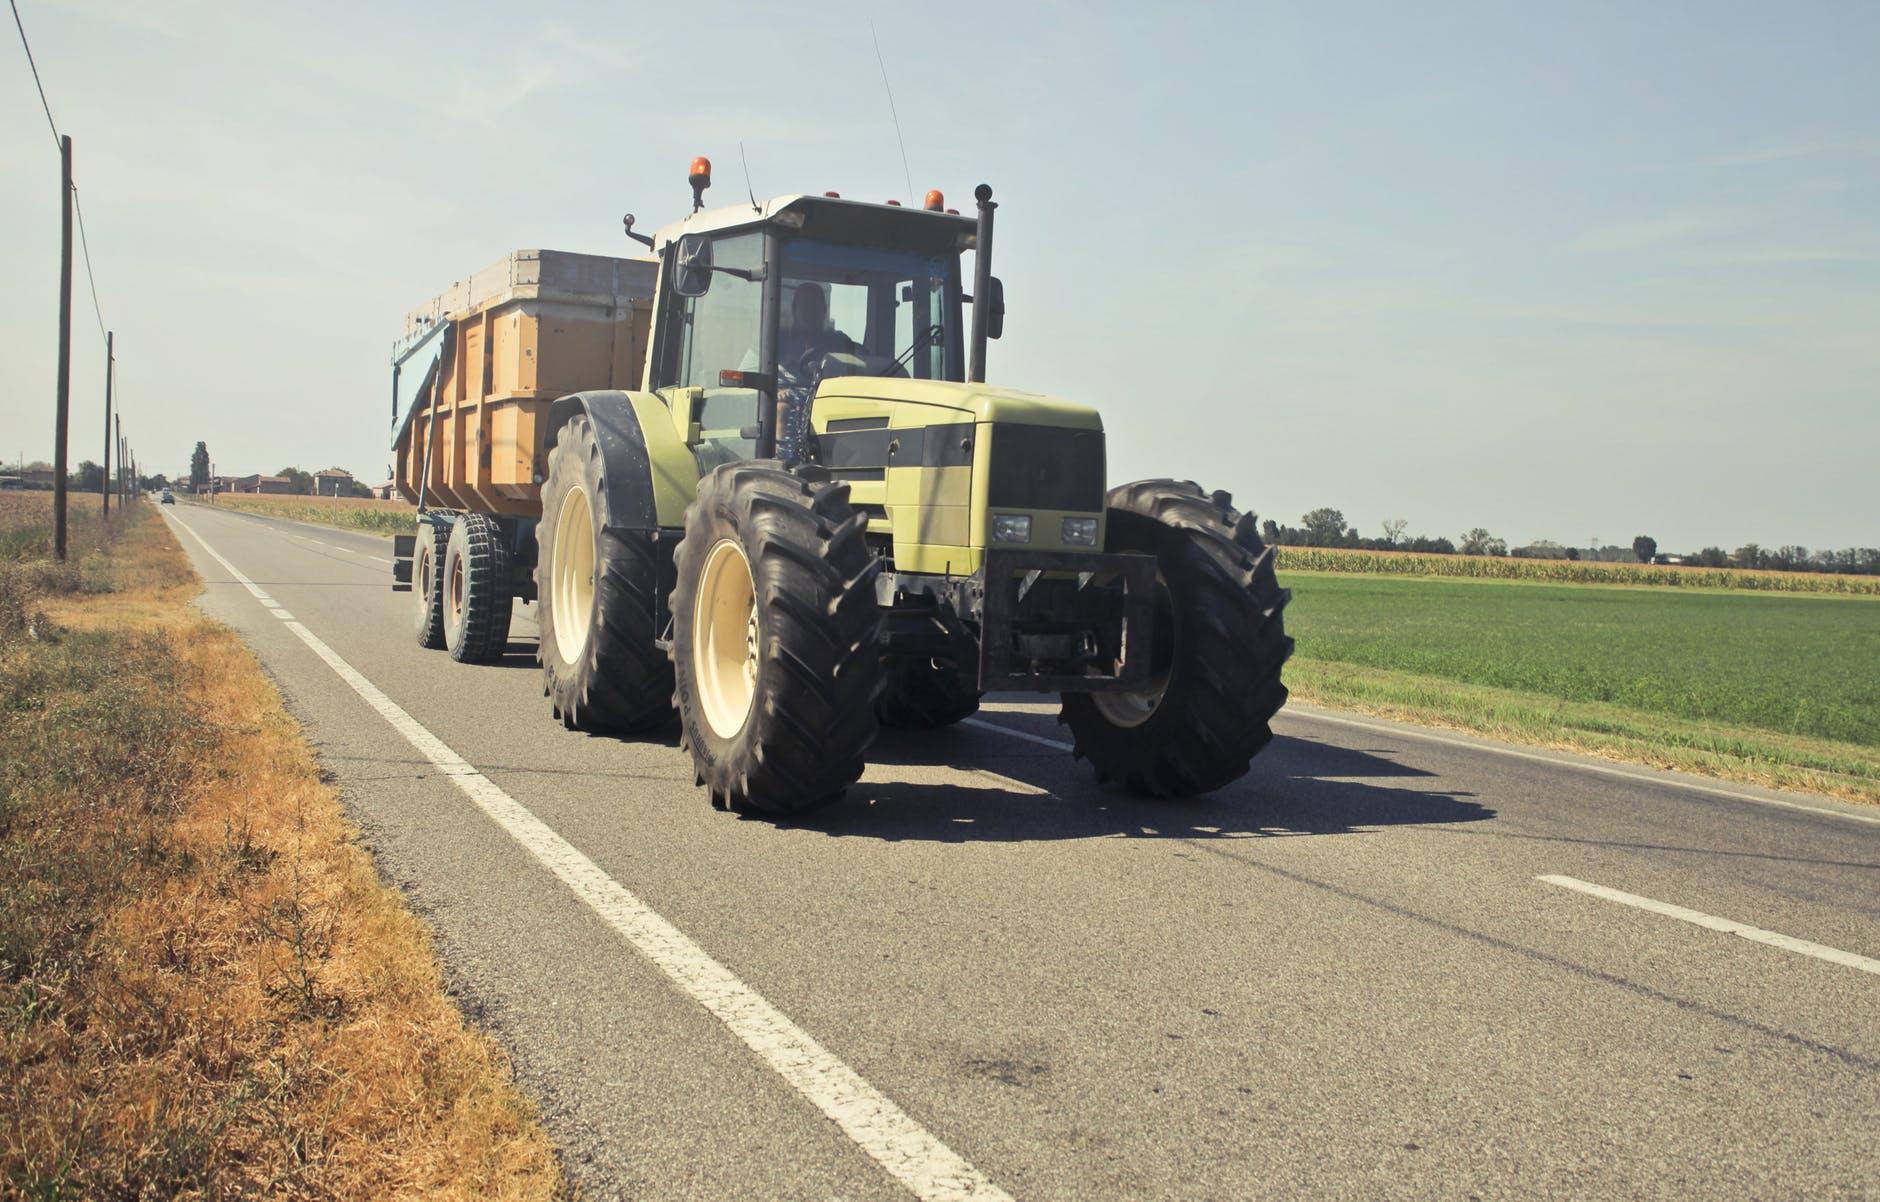 Traktor på landsväg